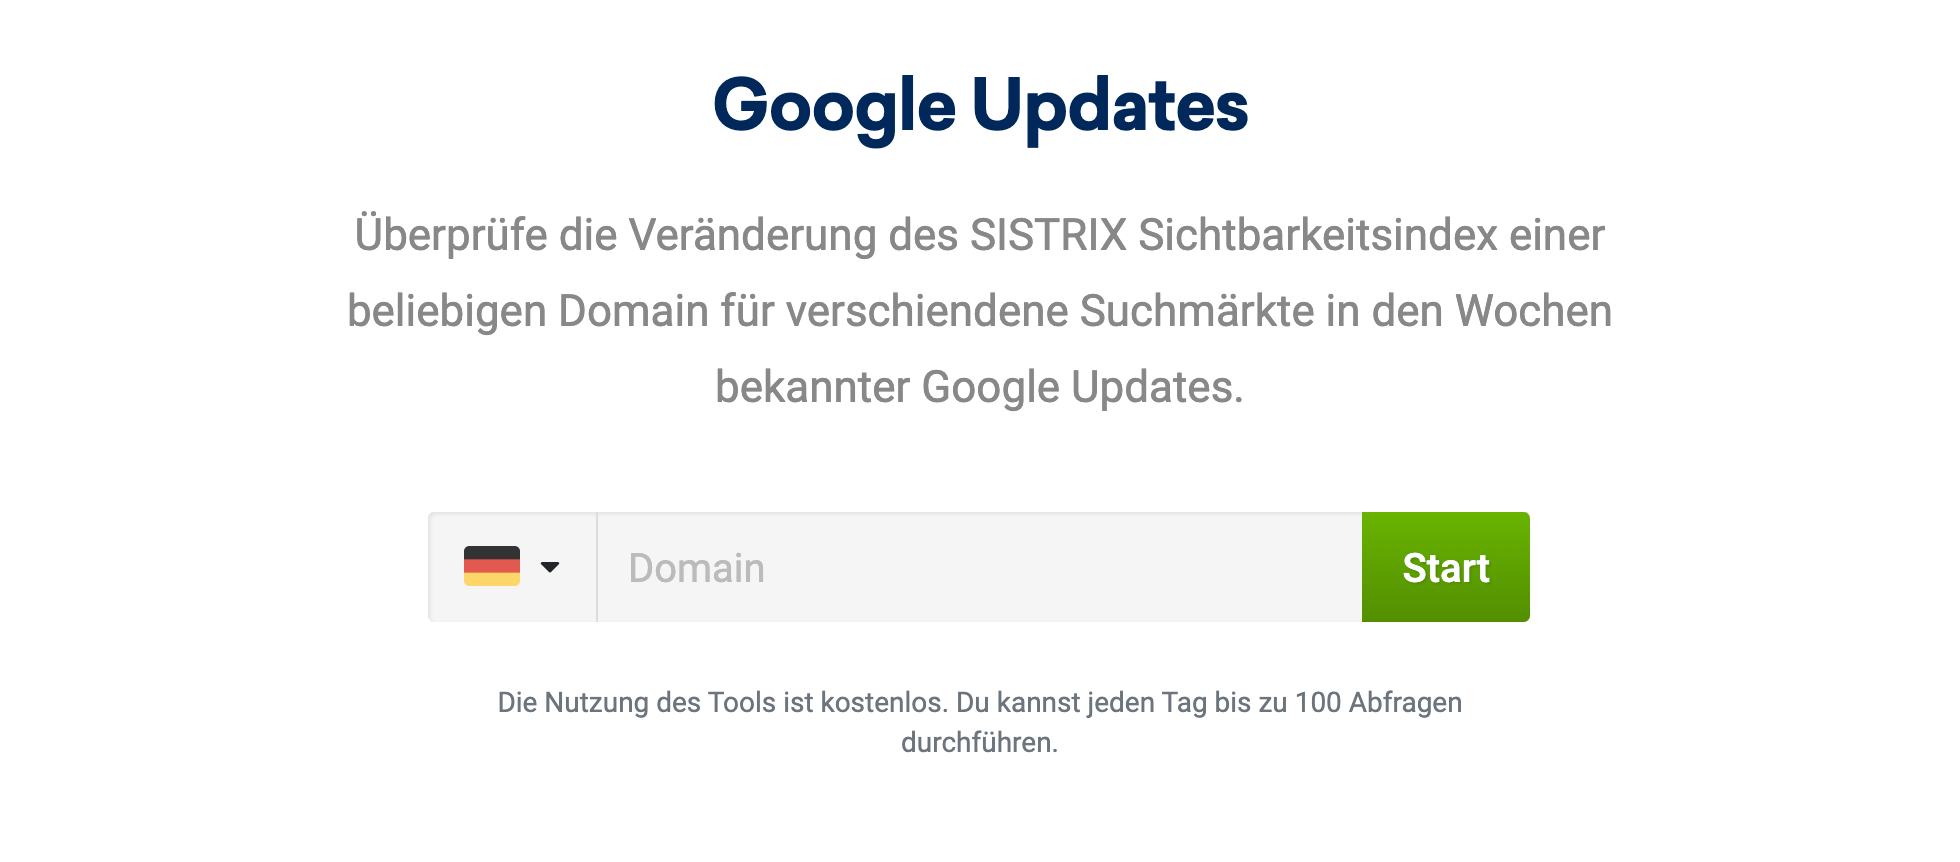 """Bild der Eingabemaske des """"Google Updates""""-Tool in den kostenfreien Tools auf der SISTRIX Webseite."""